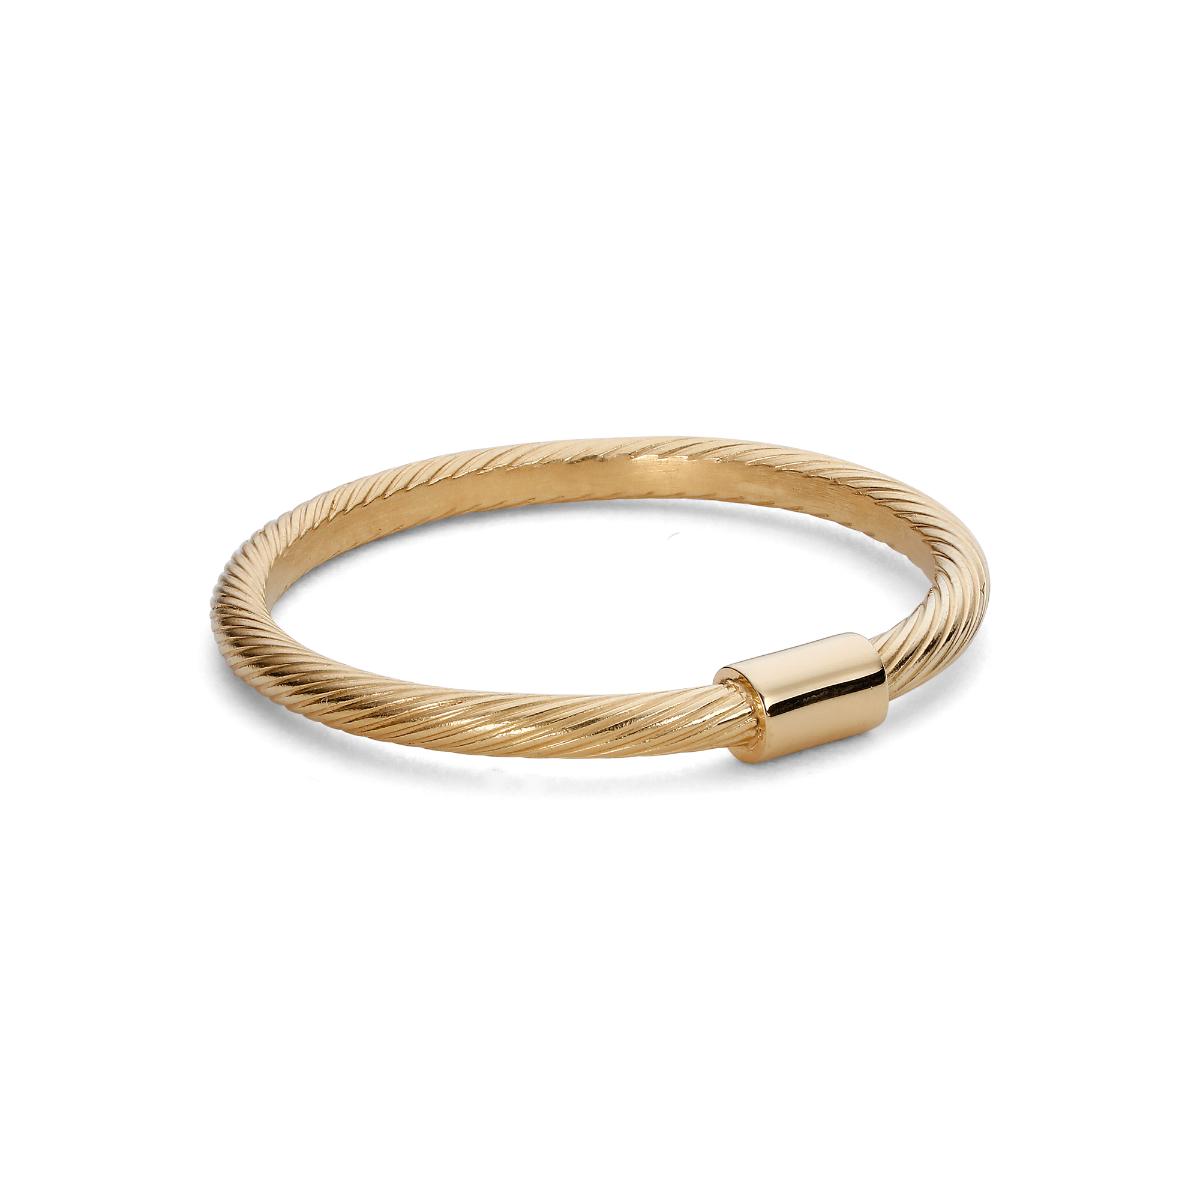 Jane Kønig Salon ring, guld, 54